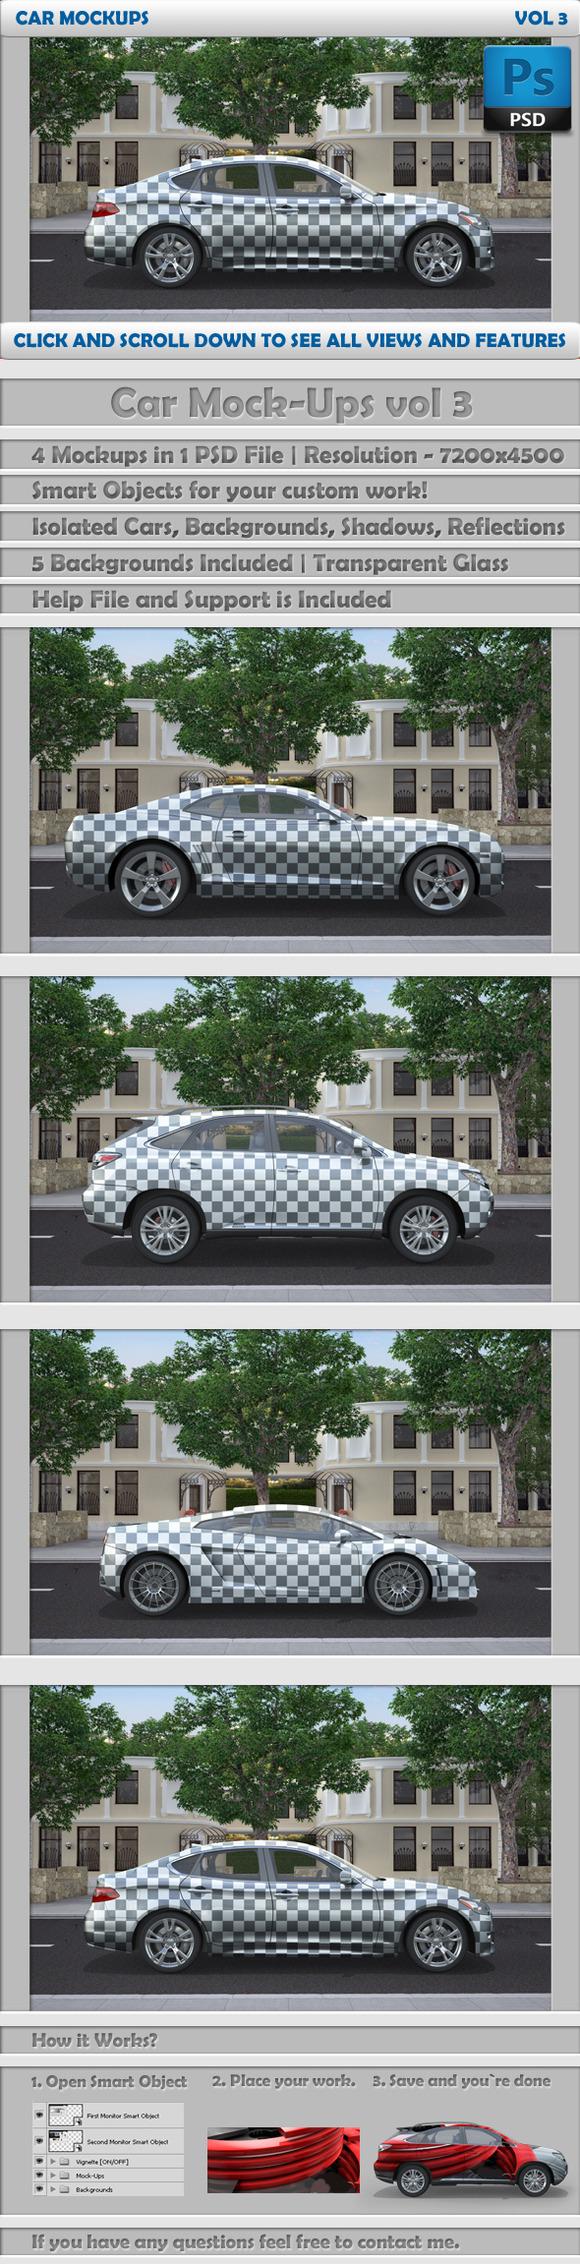 Car Mockups Vol 3 4 Car Mockups